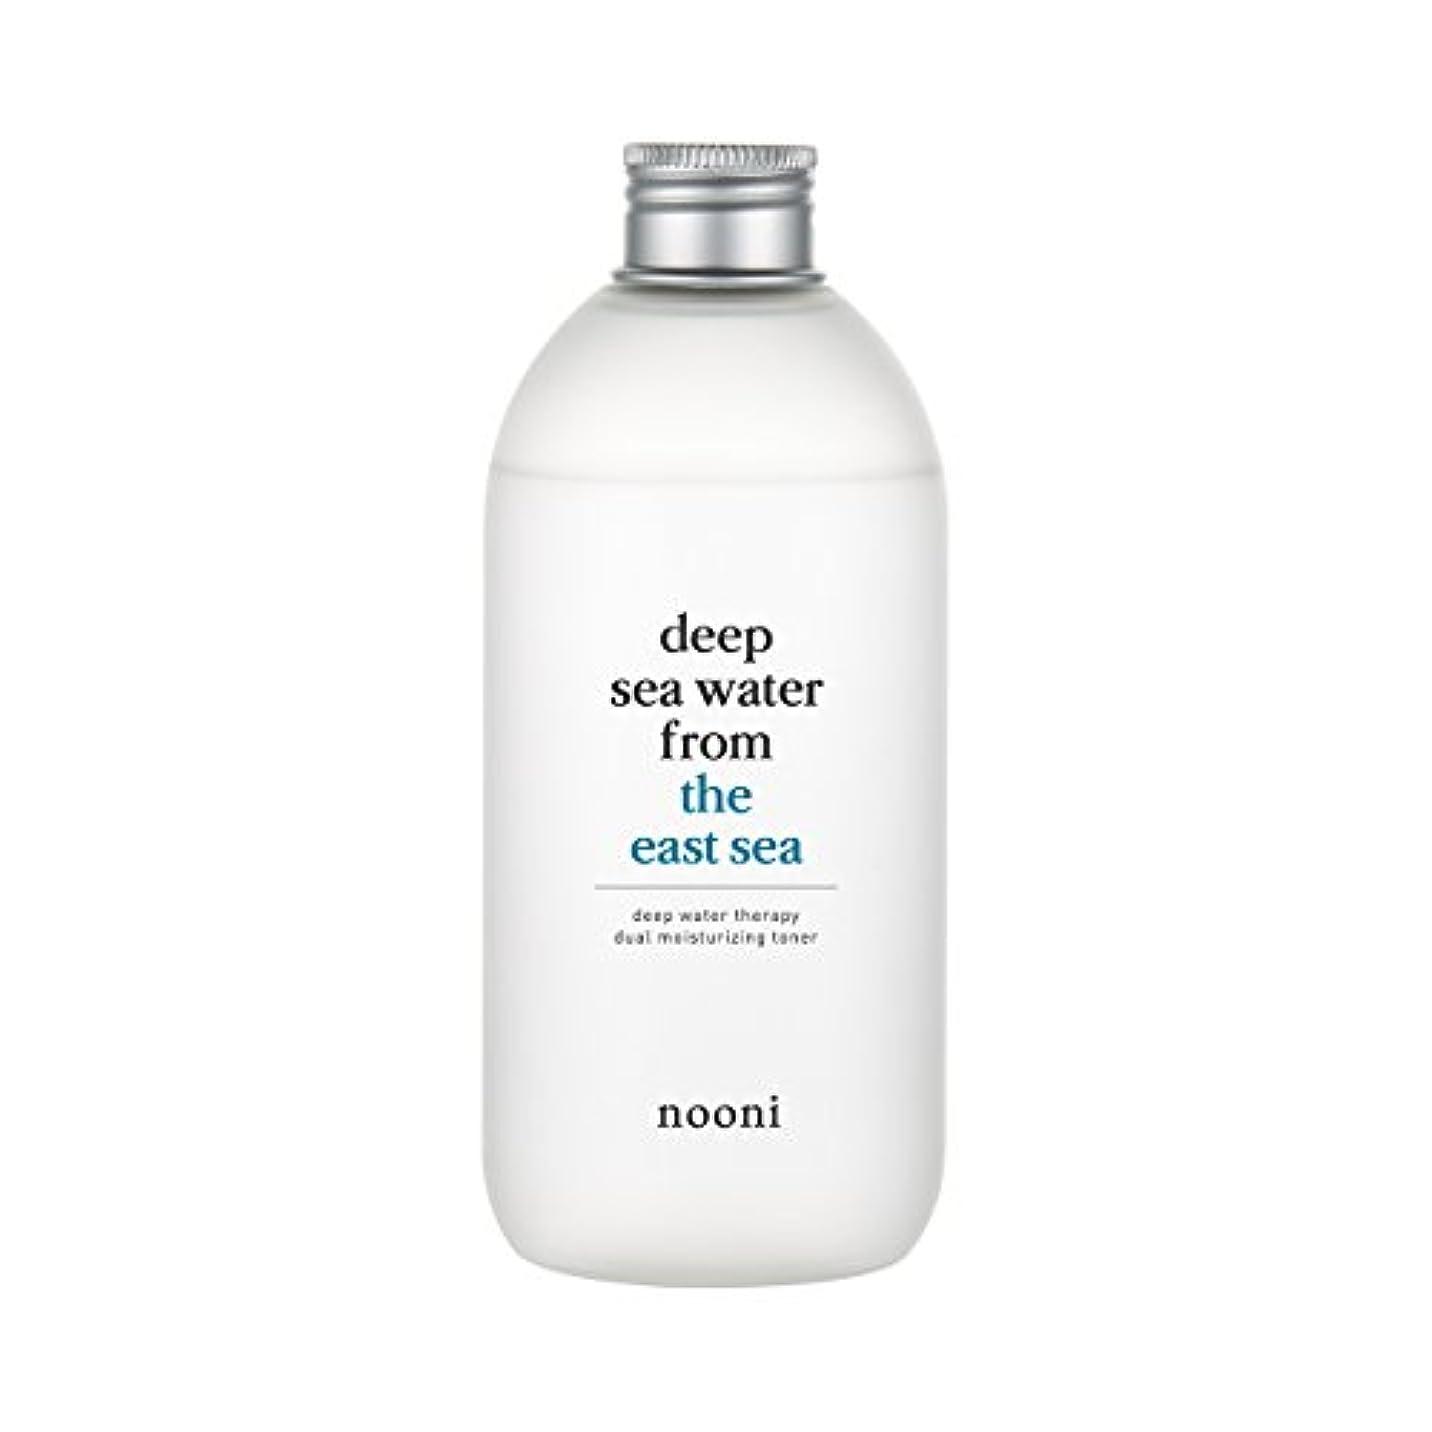 話をする想像力稼ぐNOONI ディープウォーターセラピー二重の保湿化粧水310Ml #全てのスキンタイプに